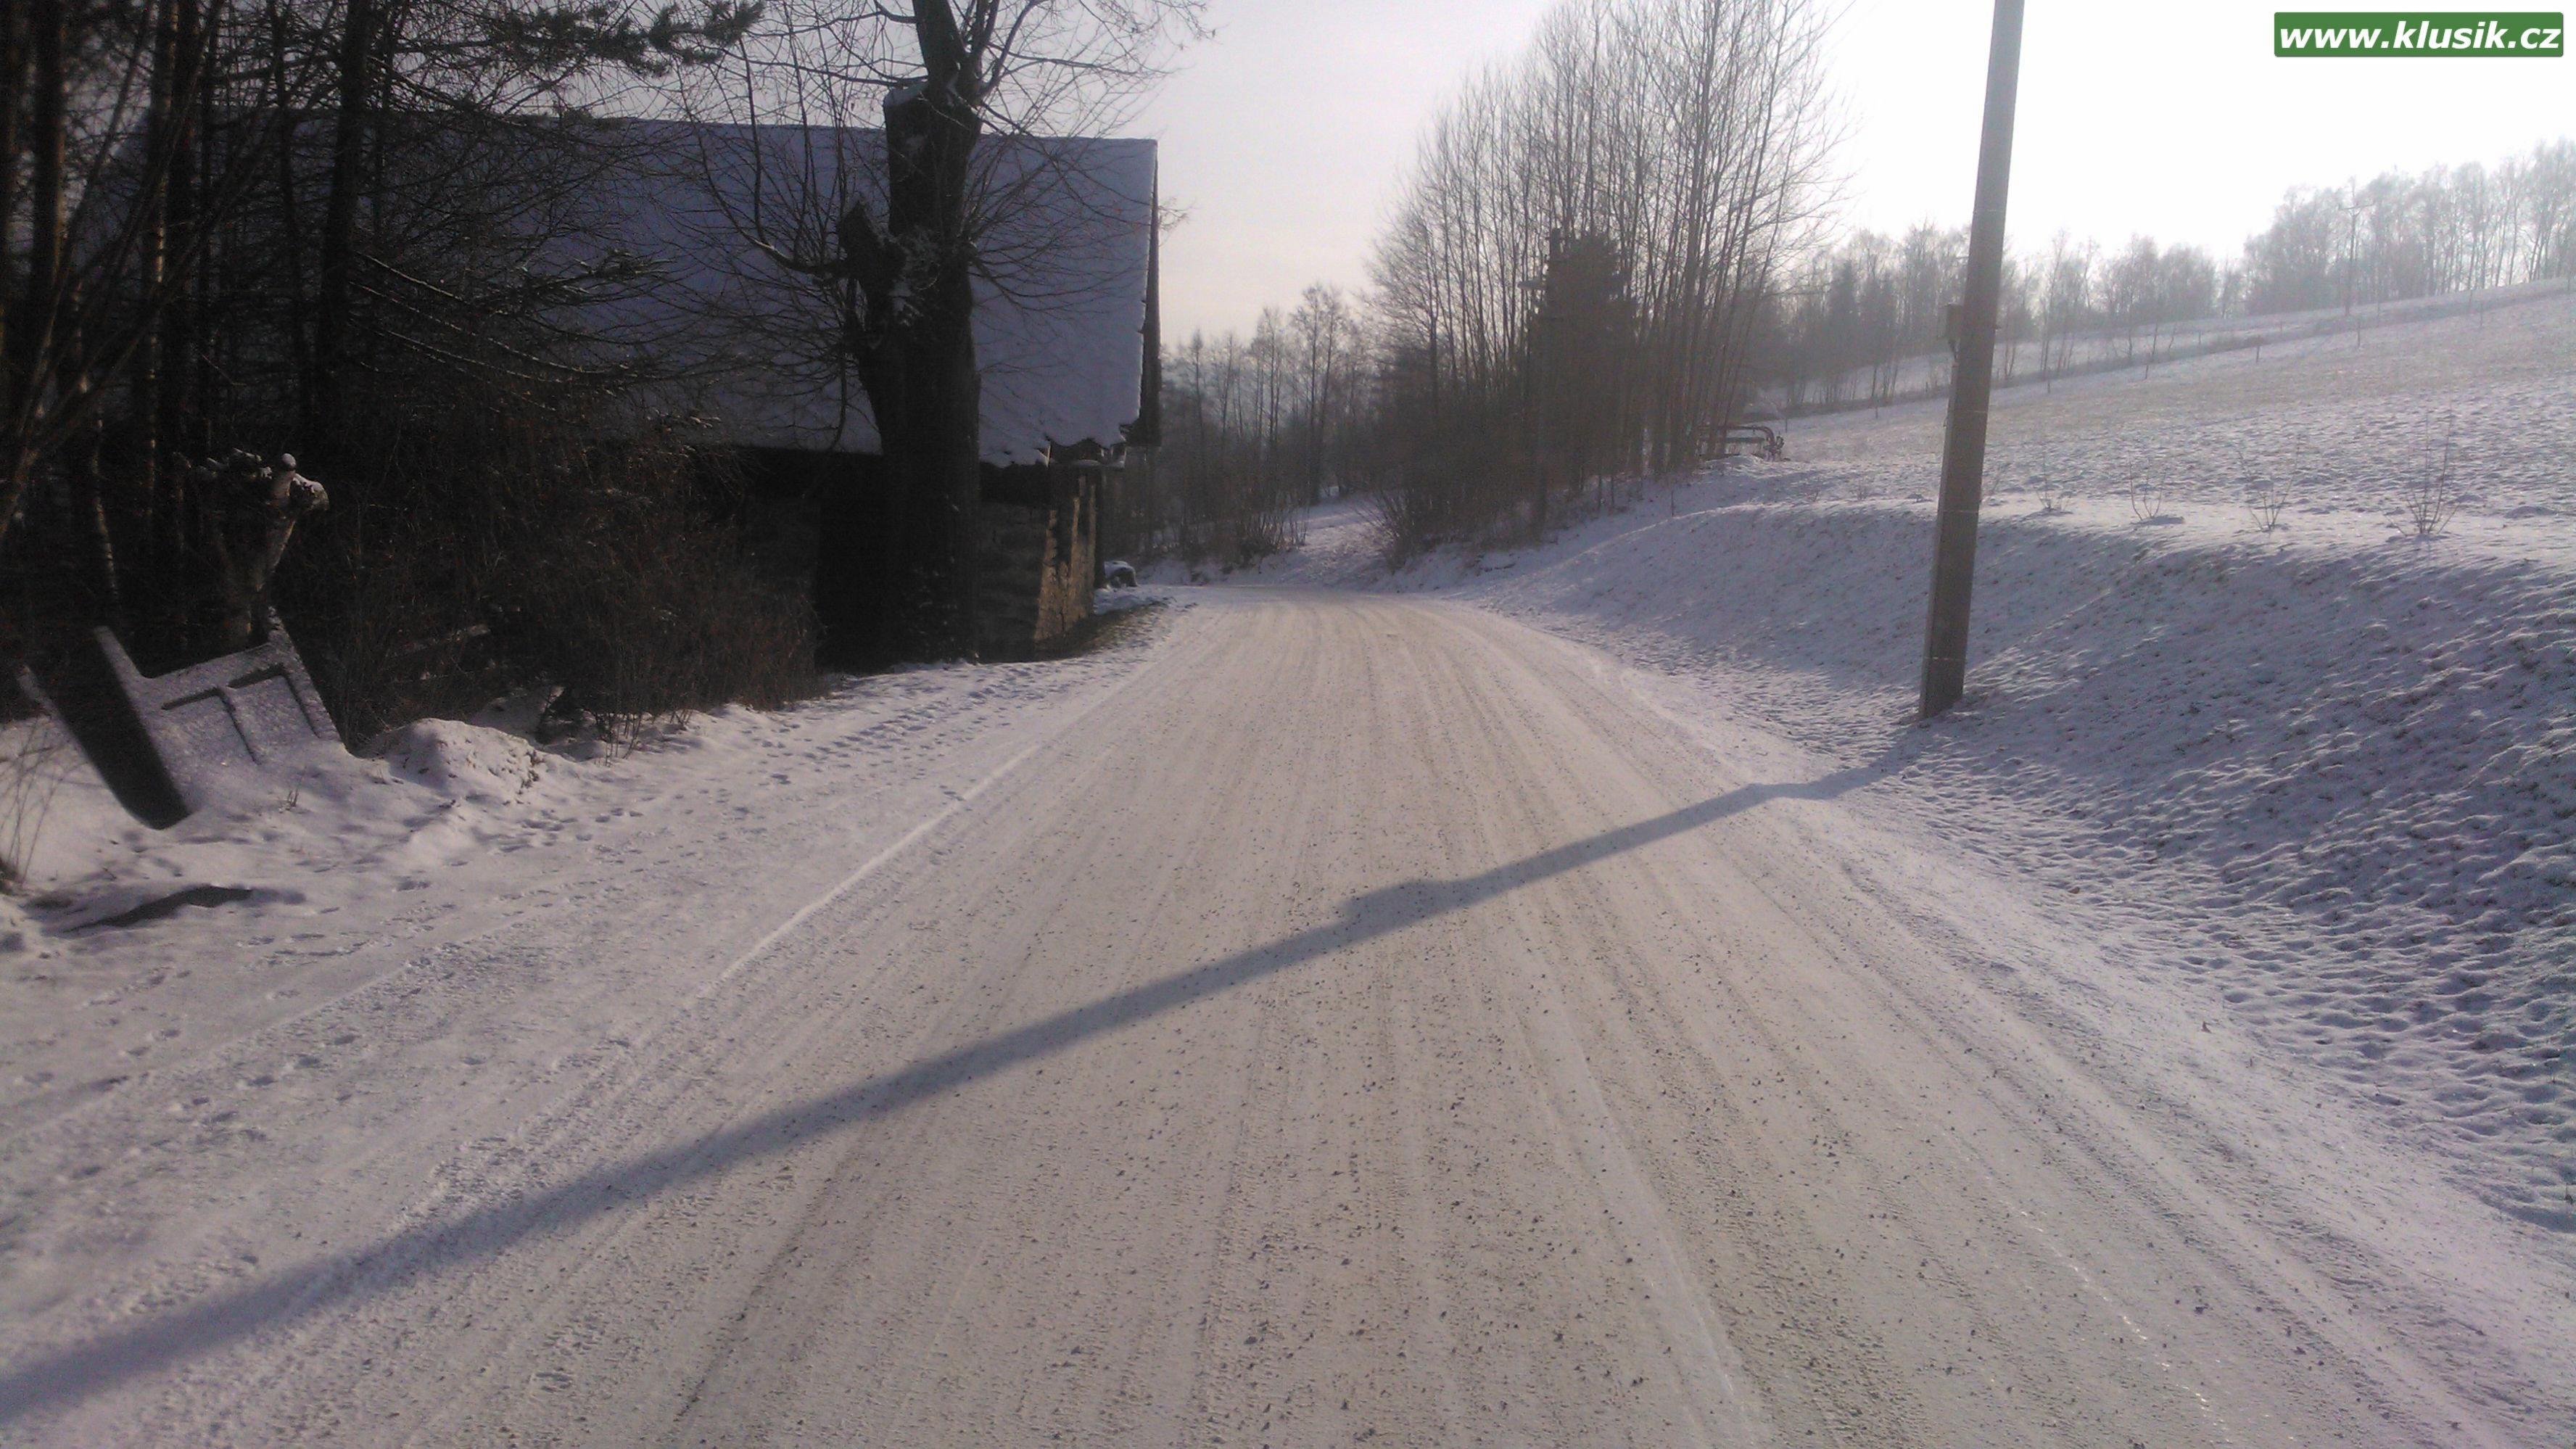 Výlet do Zlaté Olešnice sMirjam, Klárou aVěrou :-)